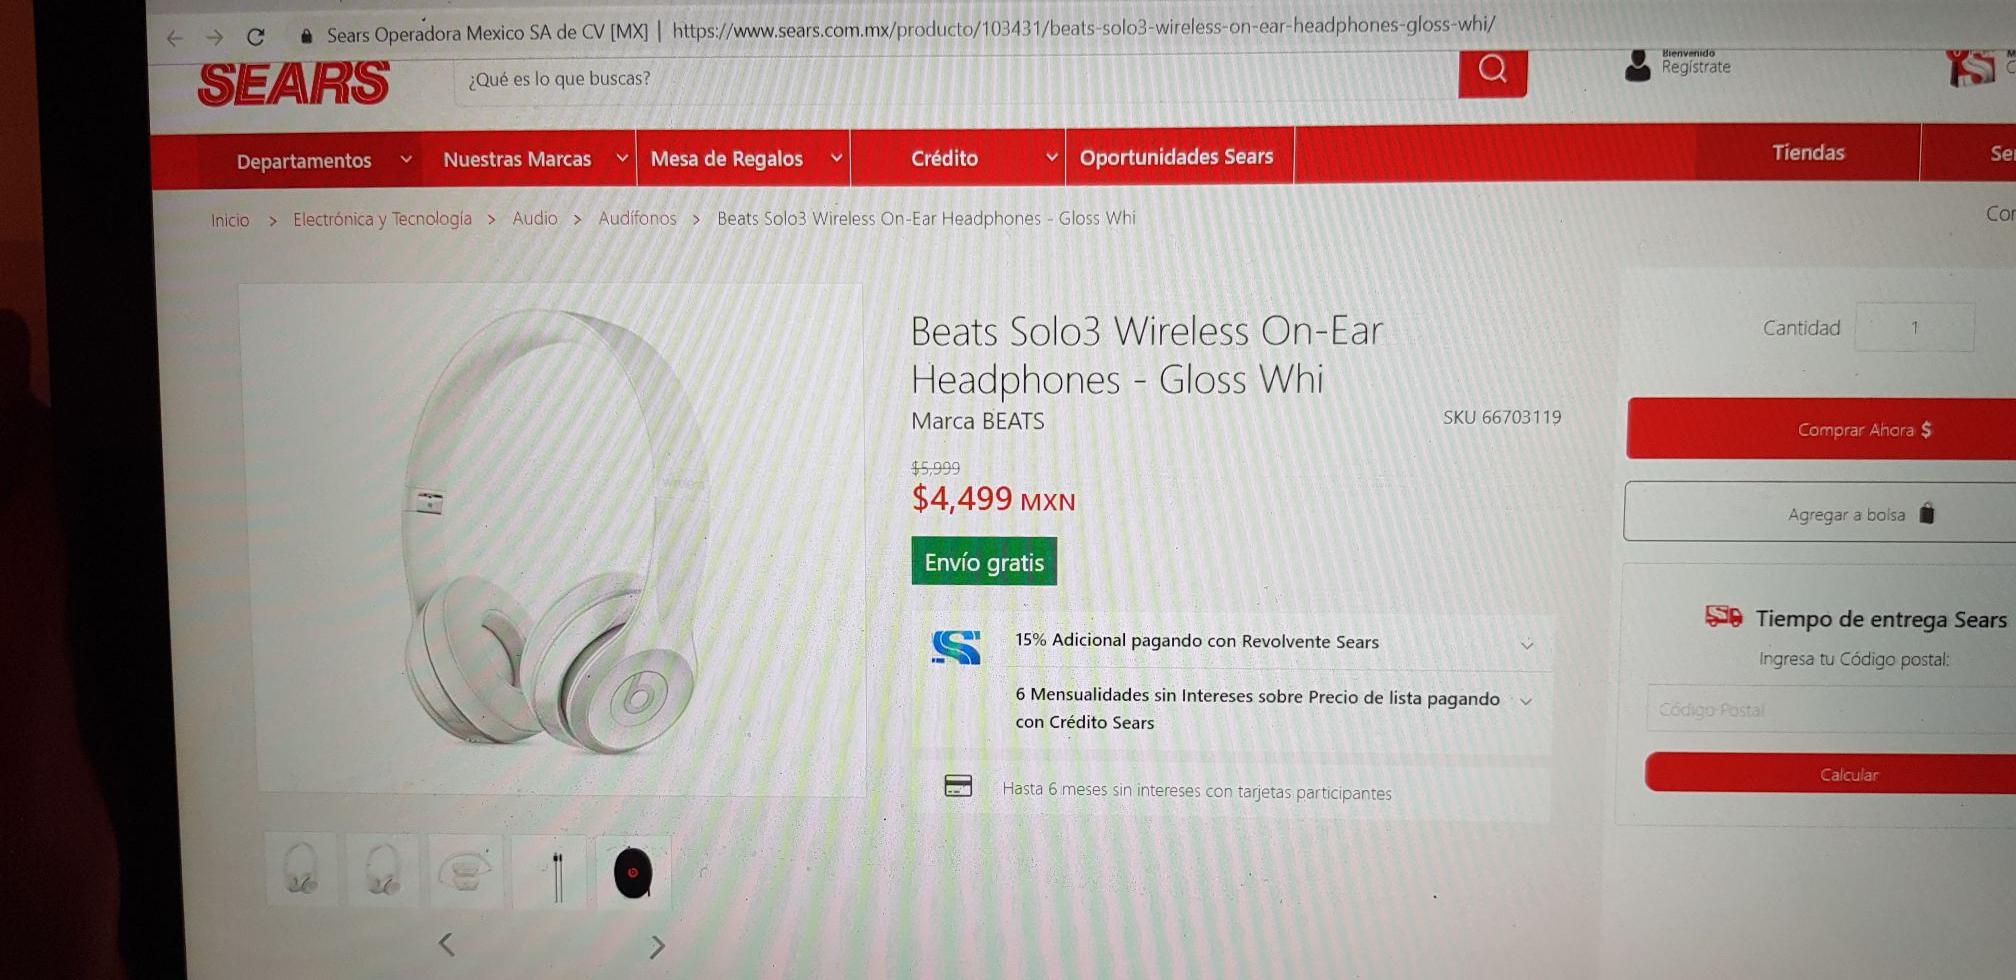 sears Audifonos Solo3 wireless